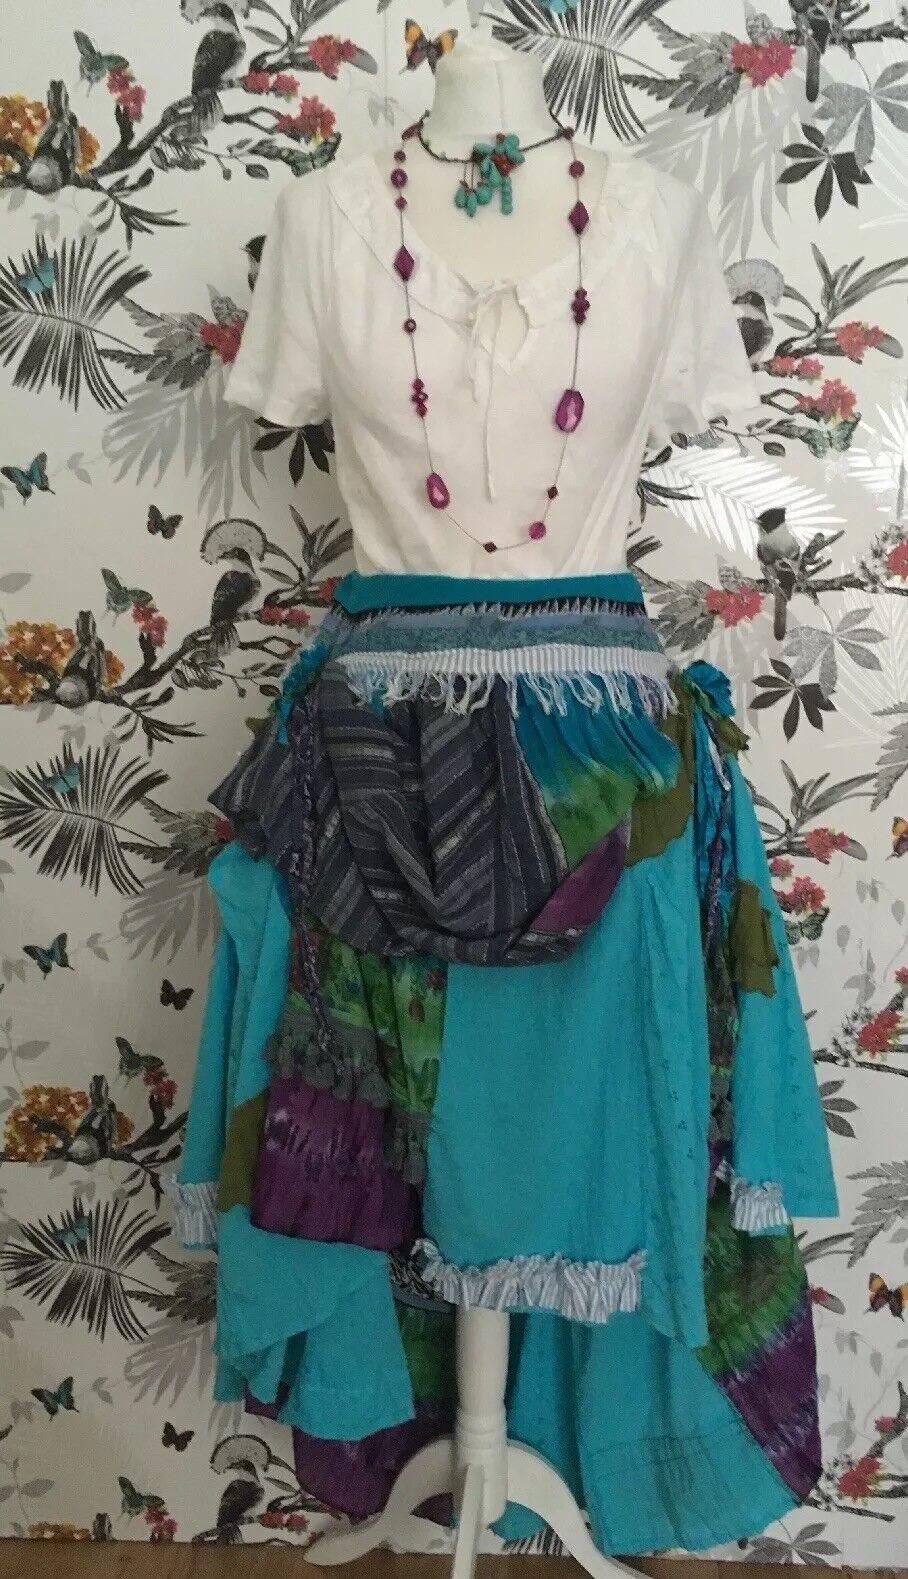 OOAK  Patchwork  Falda Libre Talla 10 12 14 16 18 20 22 24 Hippy Boho Larp Arty  diseños exclusivos